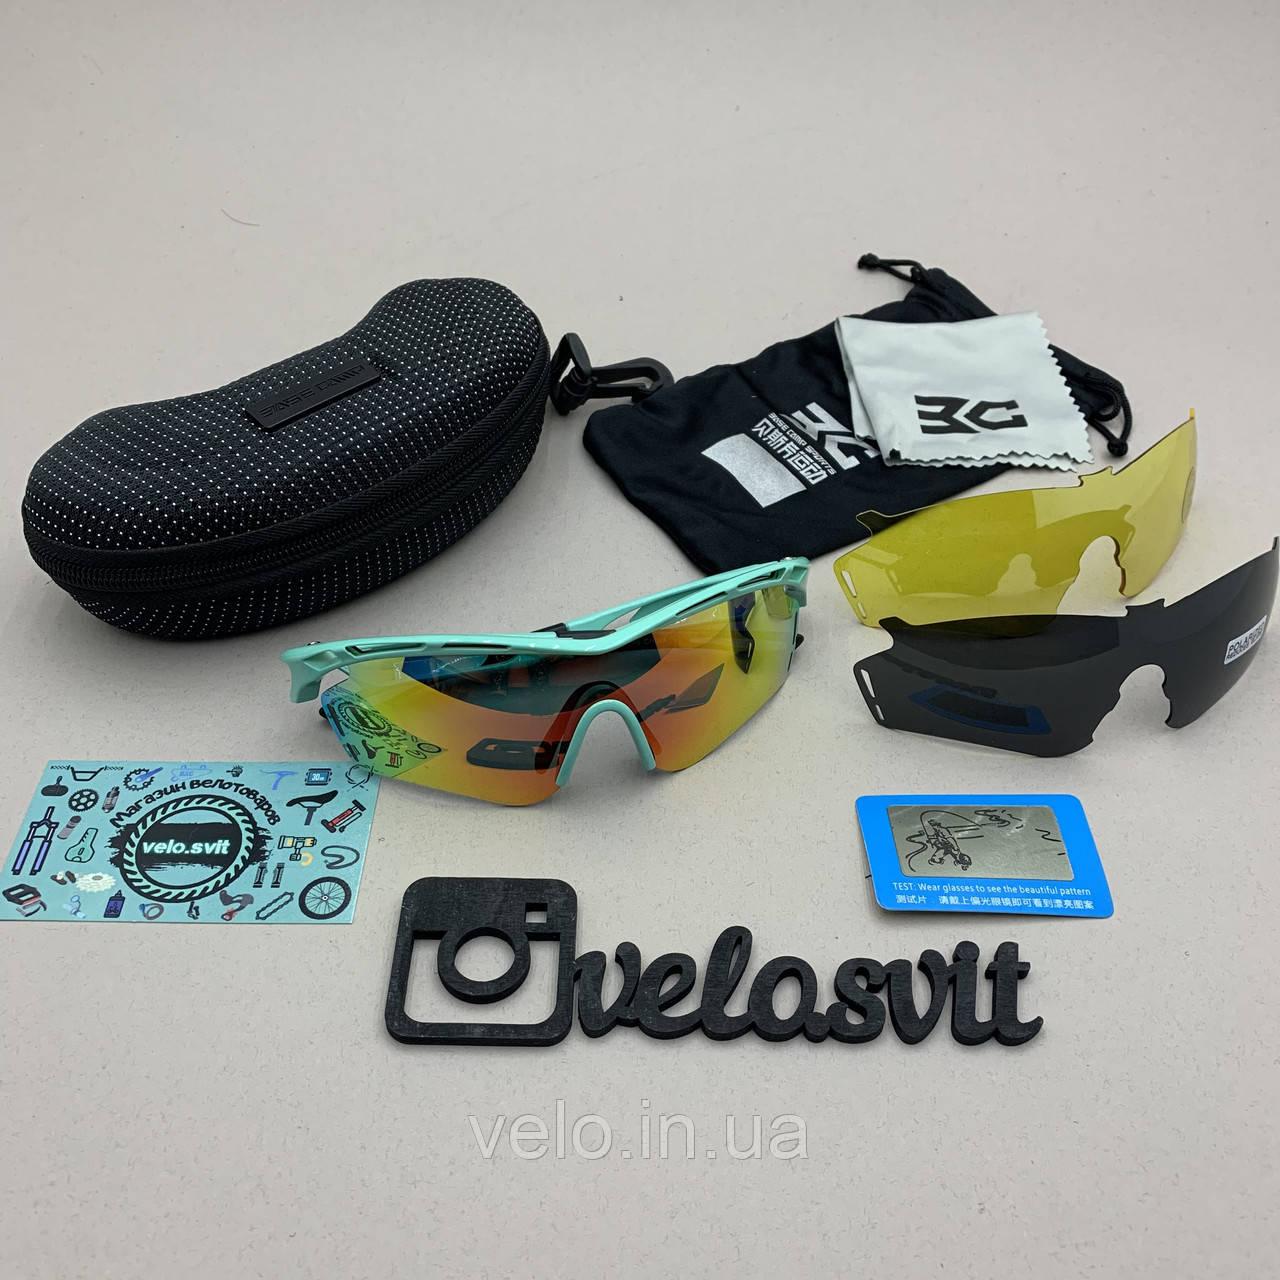 Солнцезащитные UV400 спортивные очки со сменными линзами